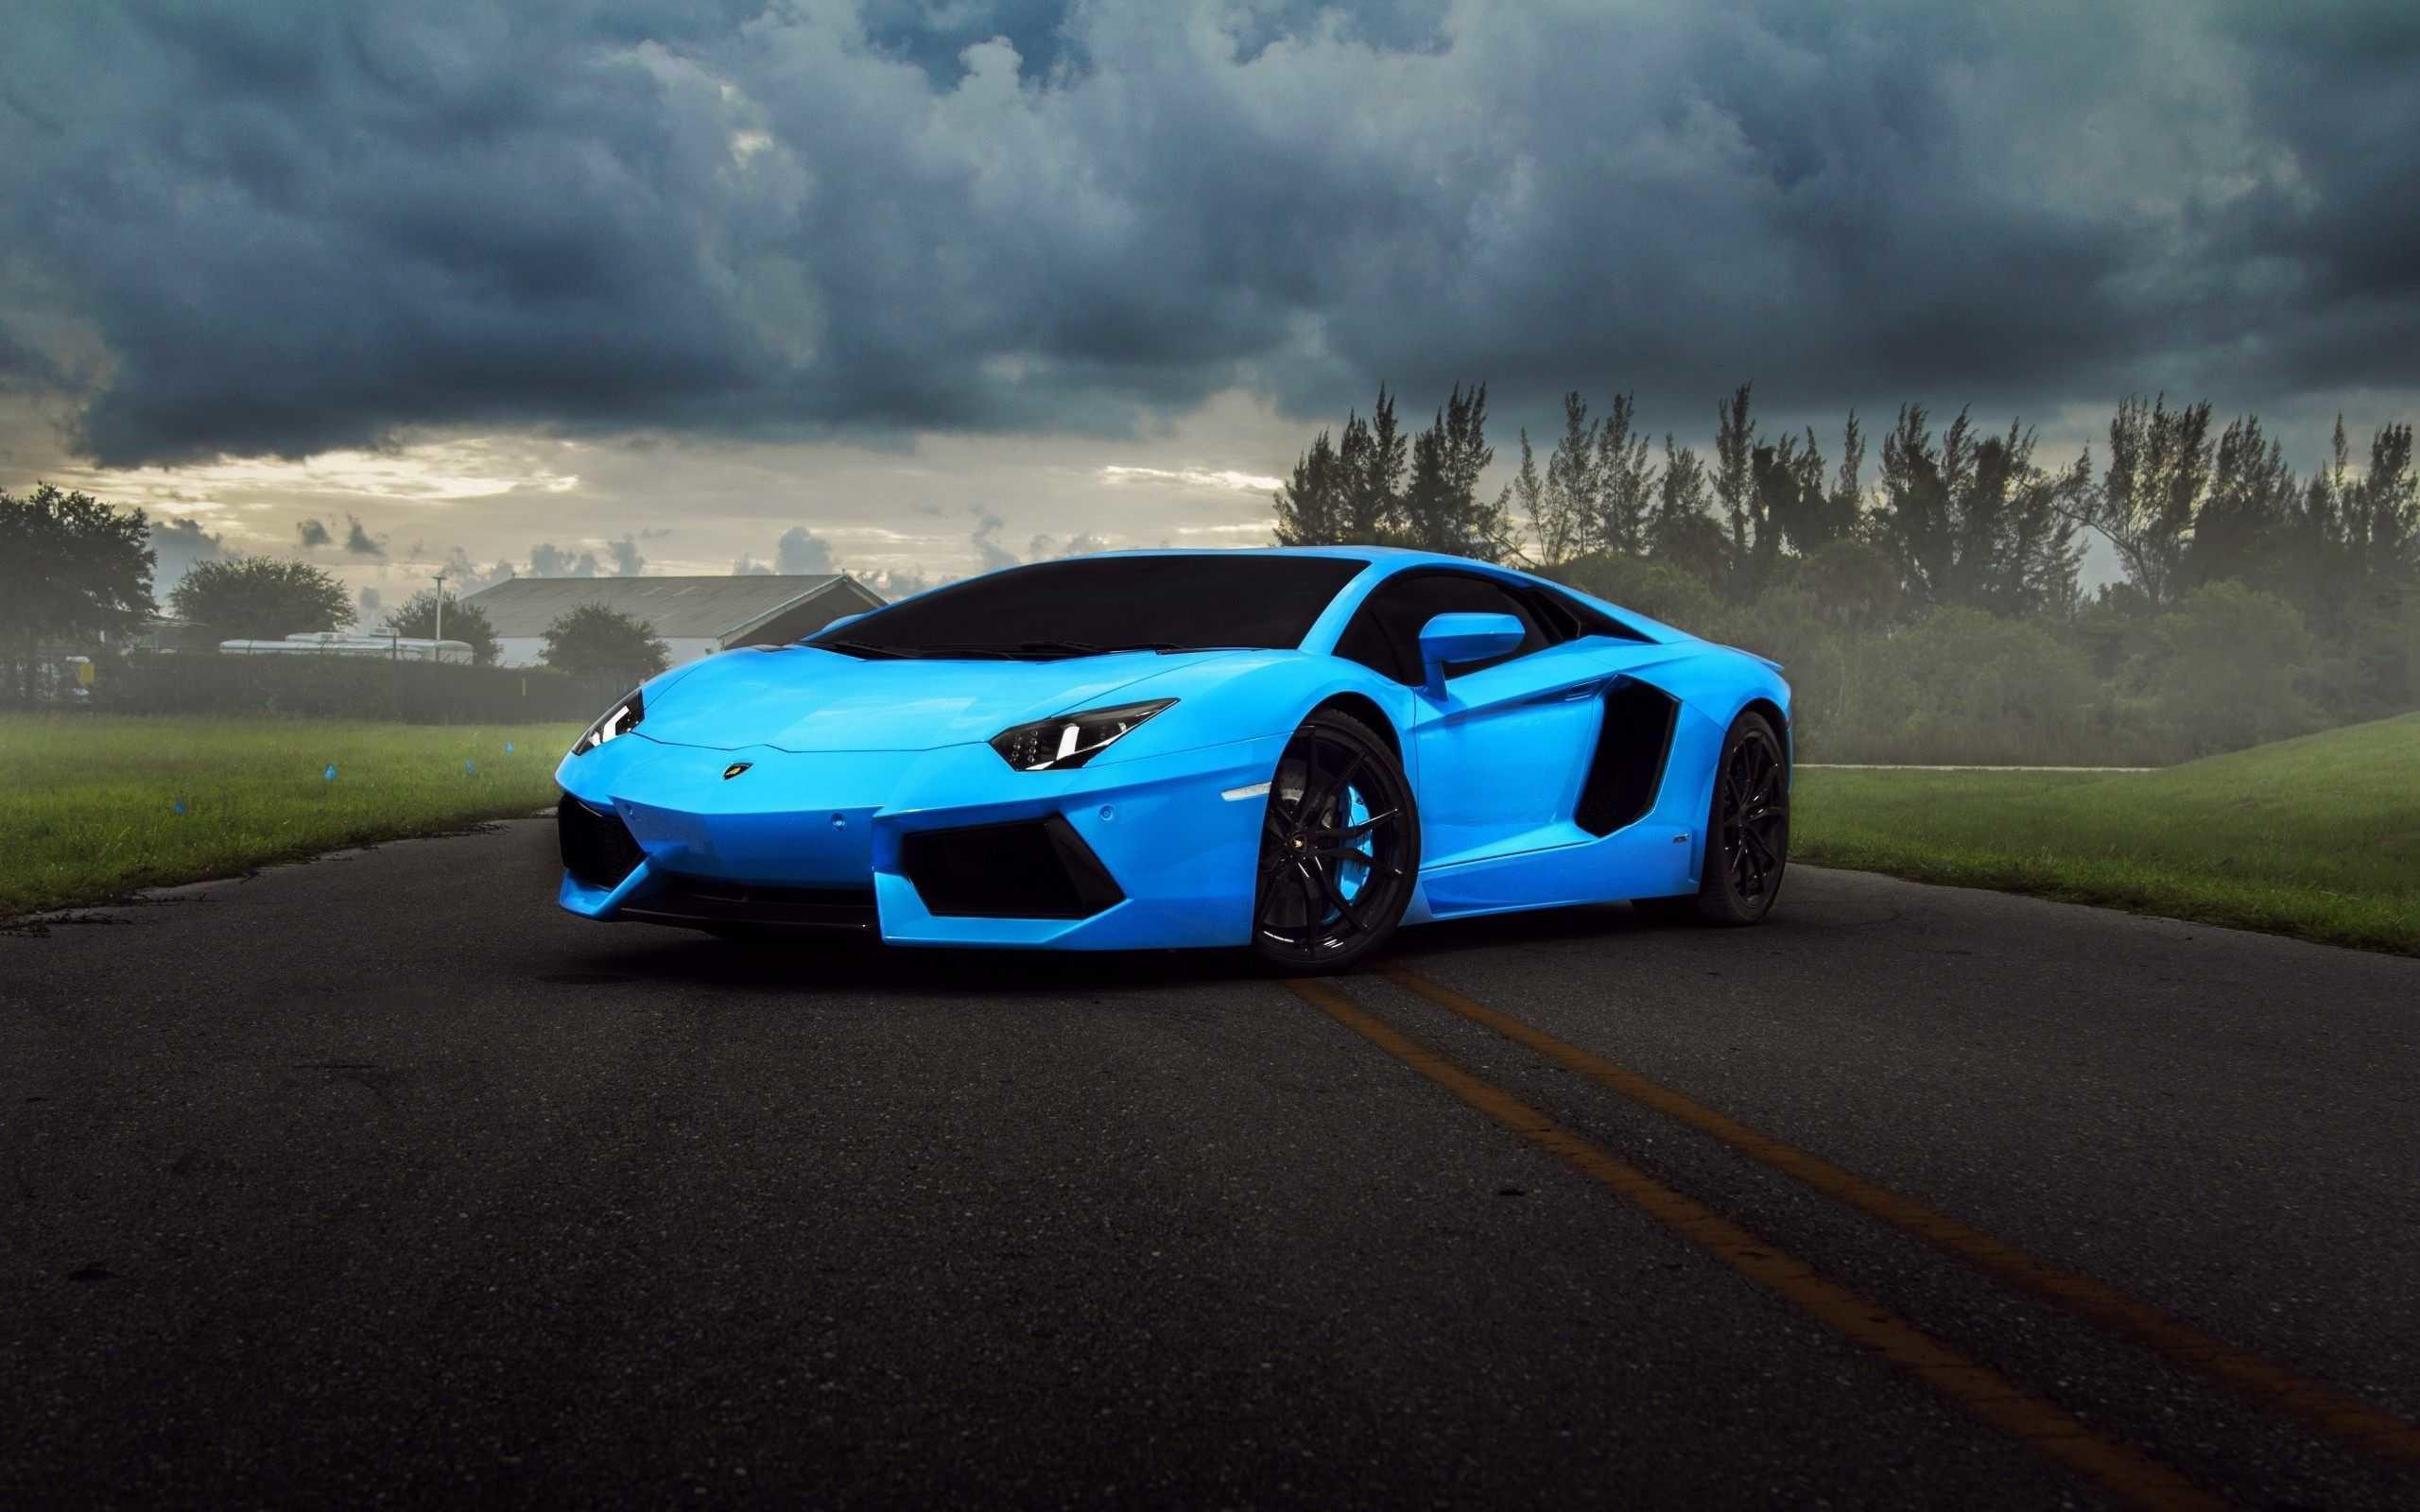 Res: 2560x1600, Car Wallpaper Hd Goldan Pics Of Pc Blue Lamborghini Vehicles